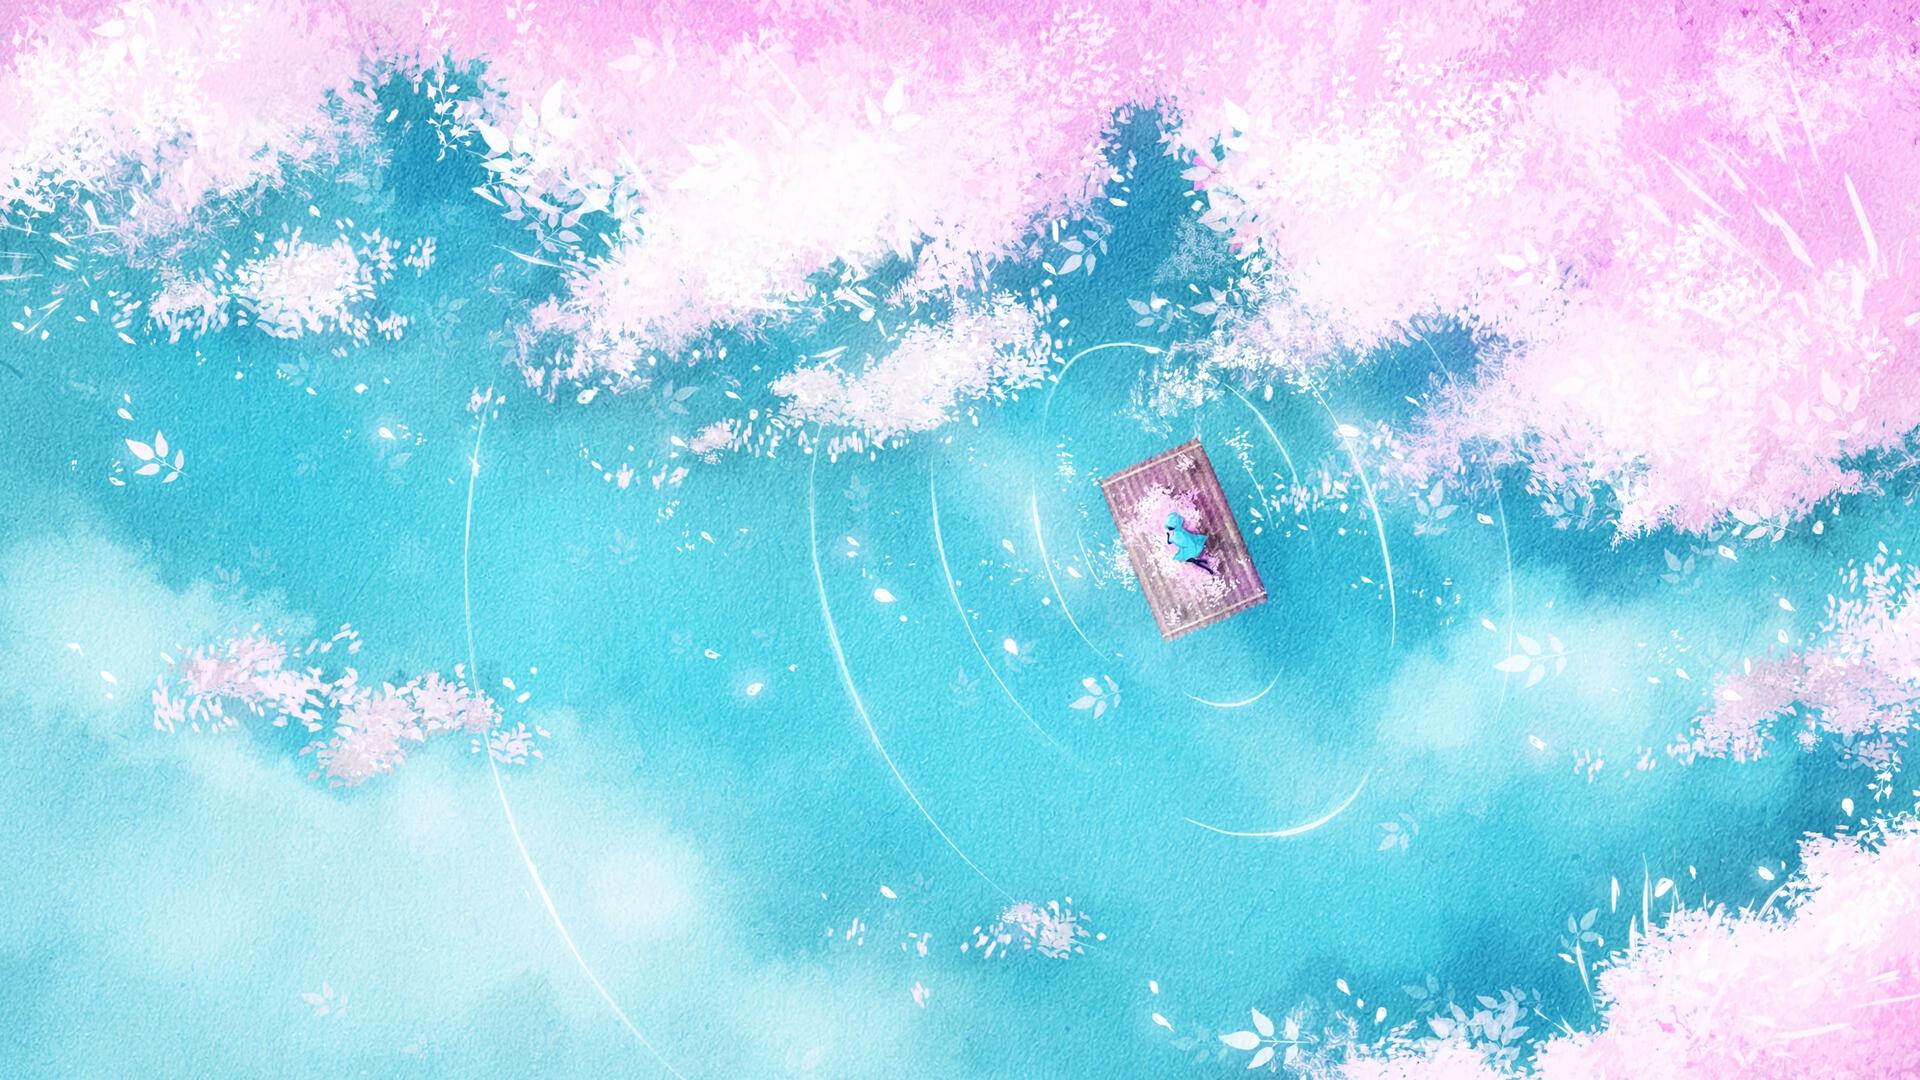 Download wallpaper 1920x1080 lake raft silhouette shore art 1920x1080